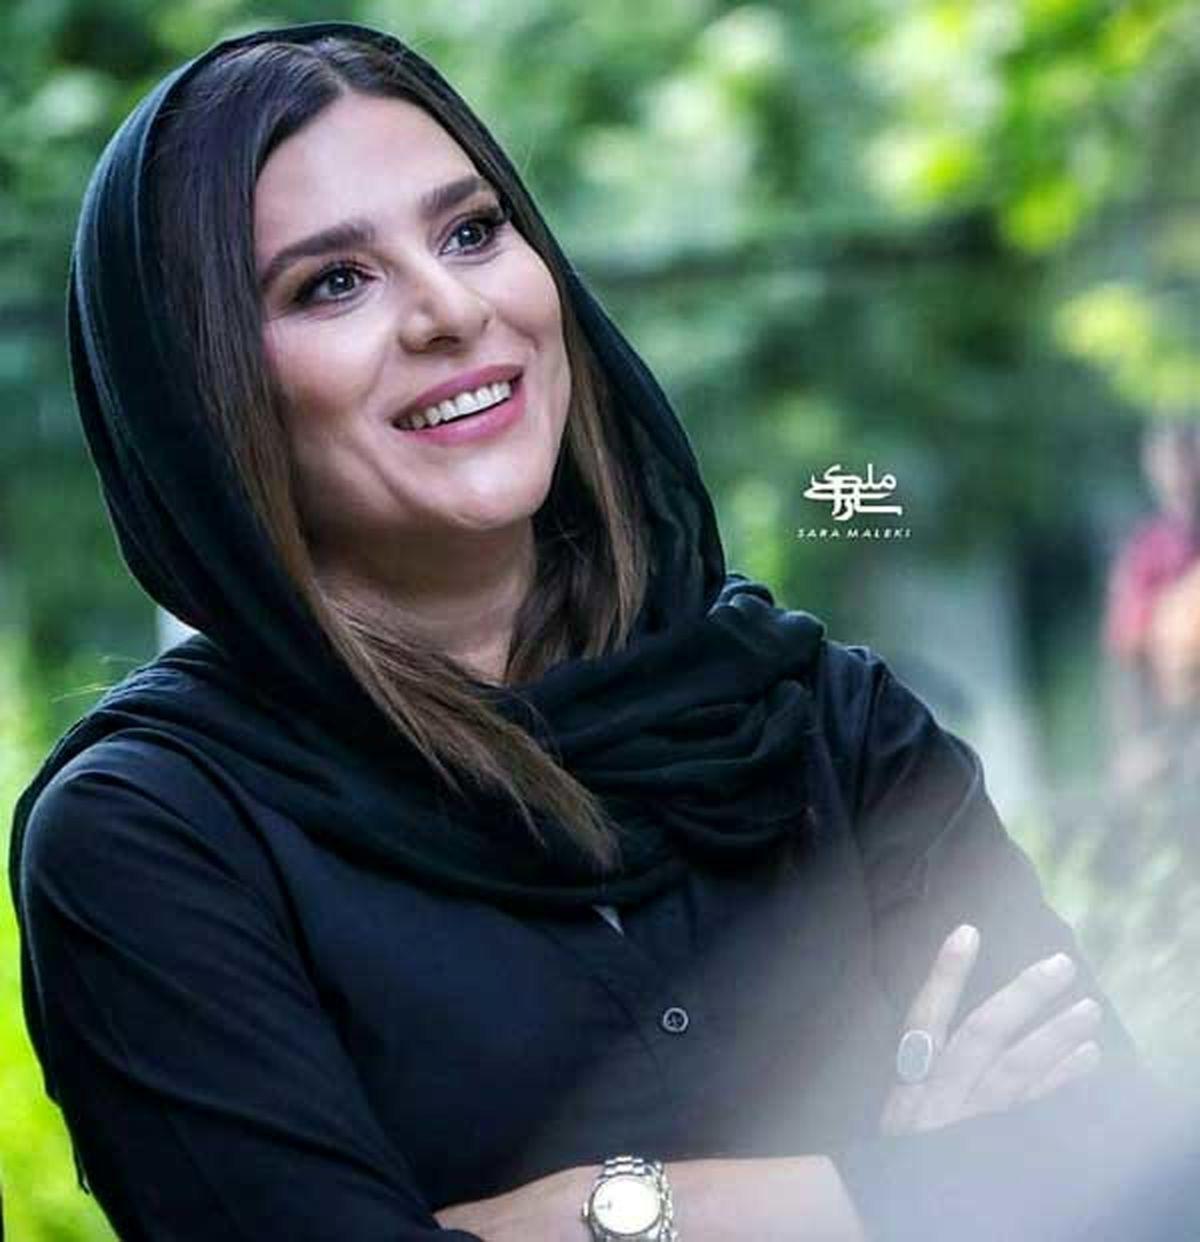 سحر دولتشاهی از مادر جوانش رونمایی کرد + عکس